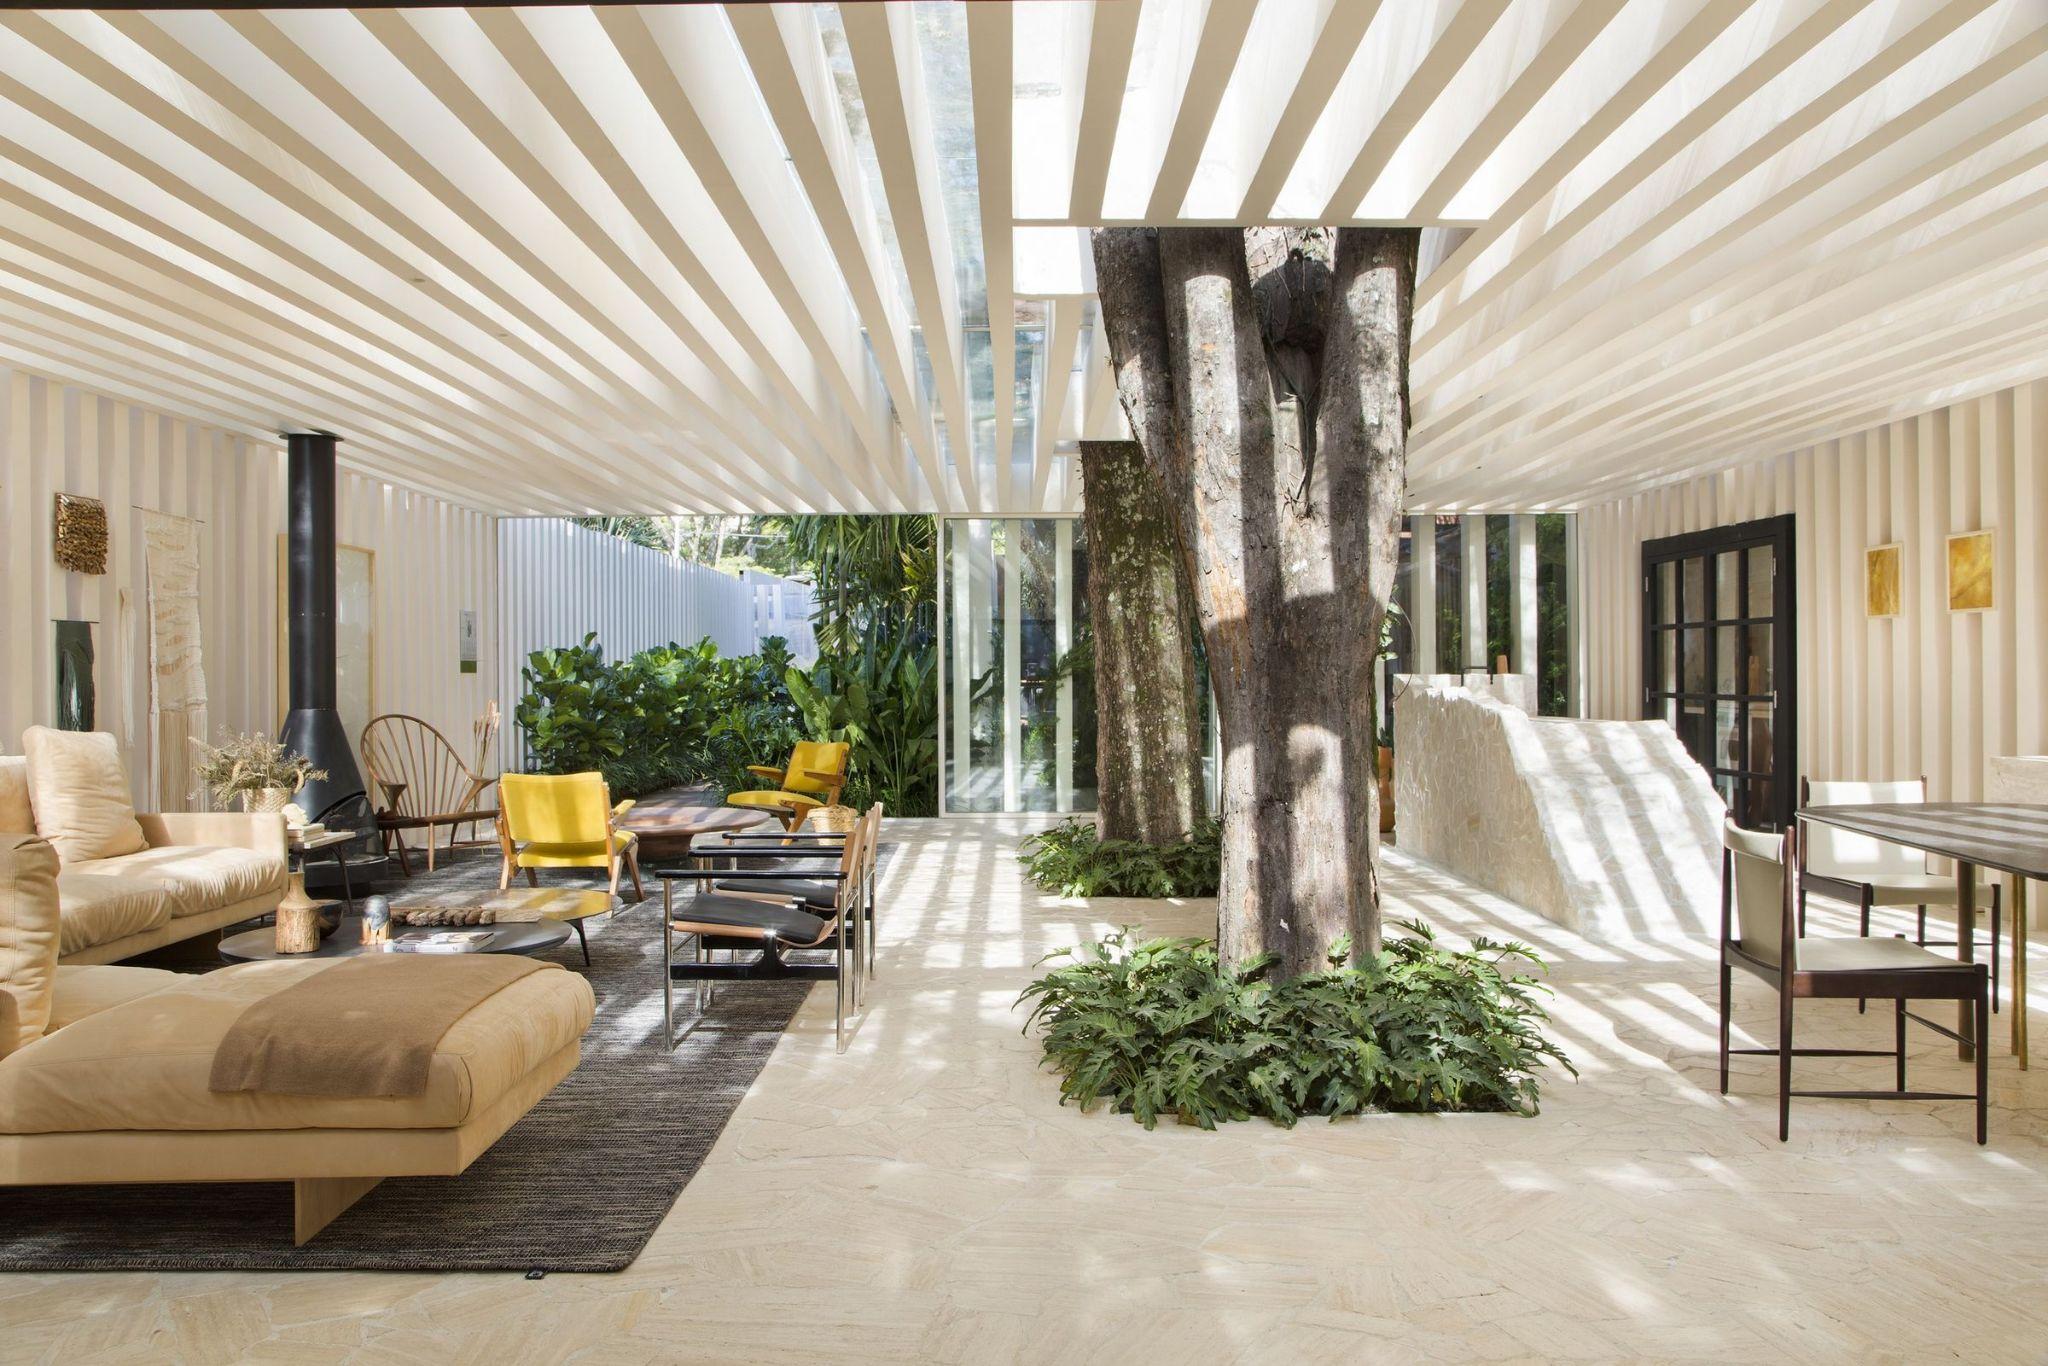 รวมสุดยอด 6 ต้นไม้ปลูกในบ้านให้ร่มเงา ที่น่าปลูก พร้อมวิธีดูแล !  02